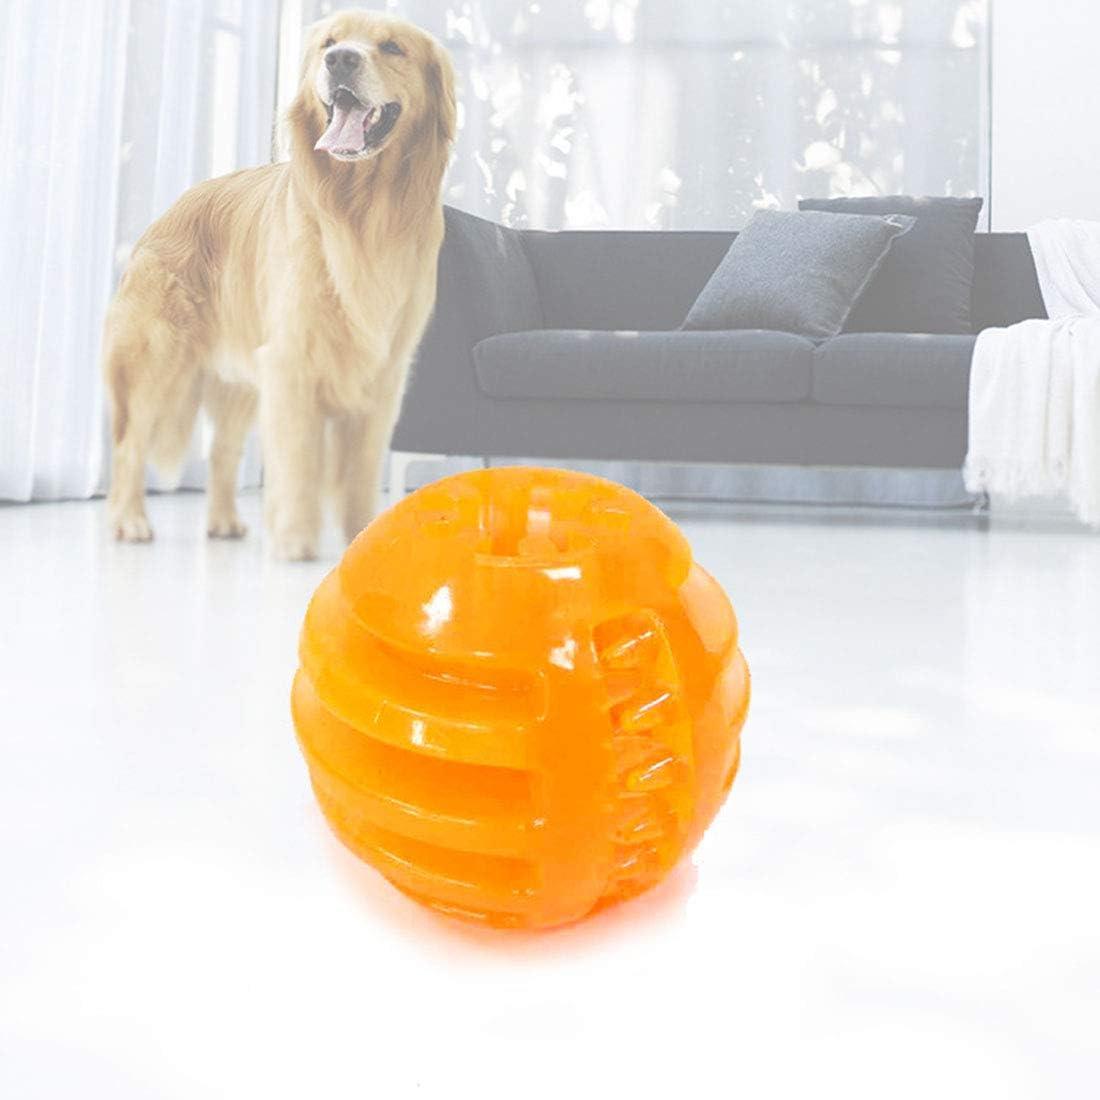 HOUYAZHAN Mordedura para Perros Juguete Molar Resistente Comida Grande para refrigerio para Perros Fugas Bola elástica sólida Comida para Perros Mordedura para Bolas. (Color : 2 Pack): Amazon.es: Productos para mascotas